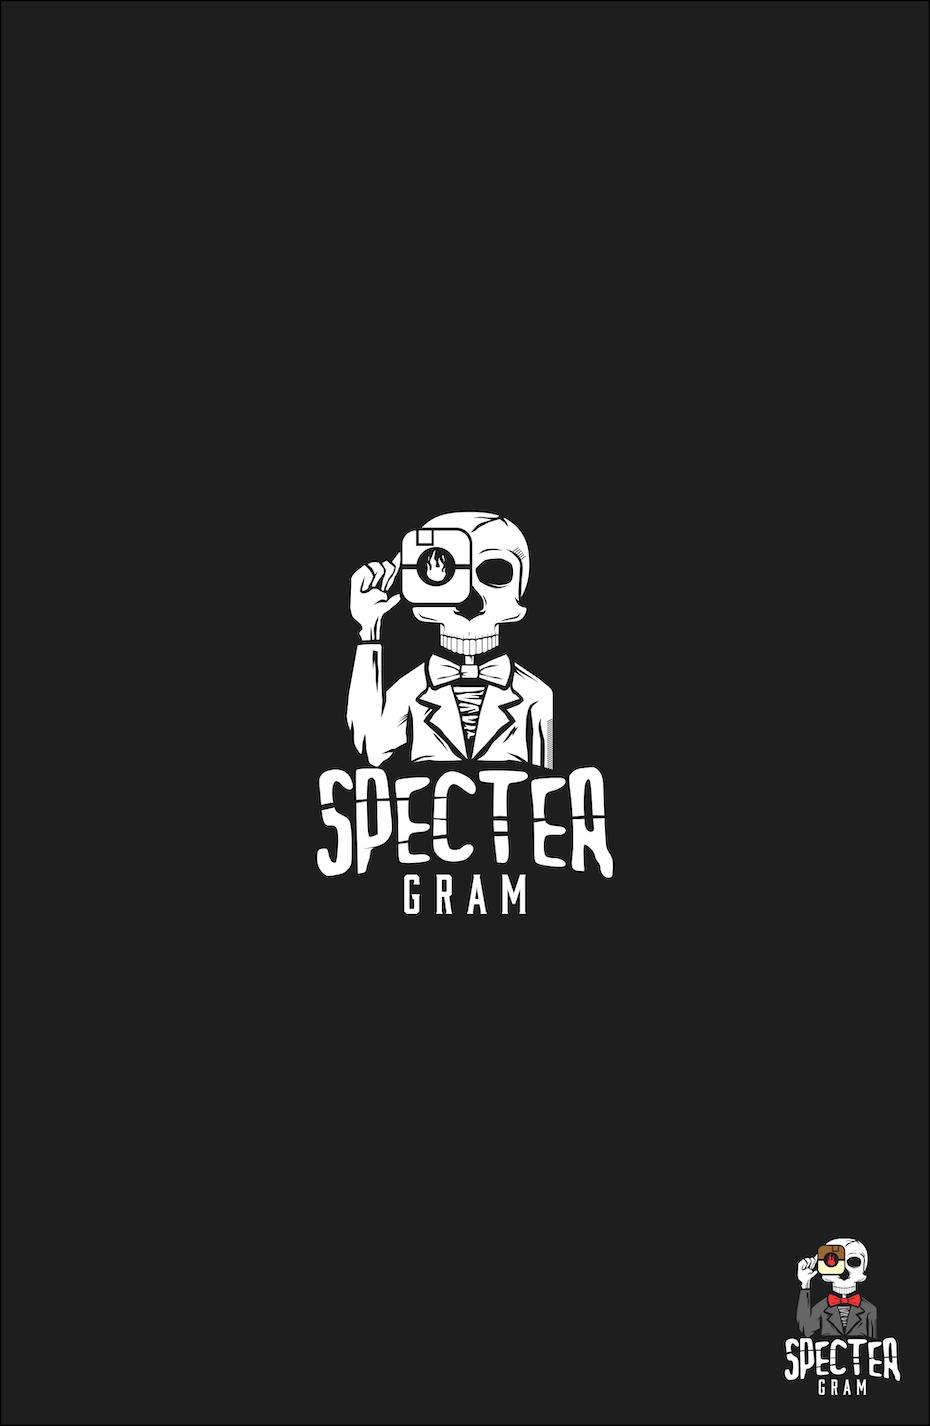 Specter Gram skeleton logo